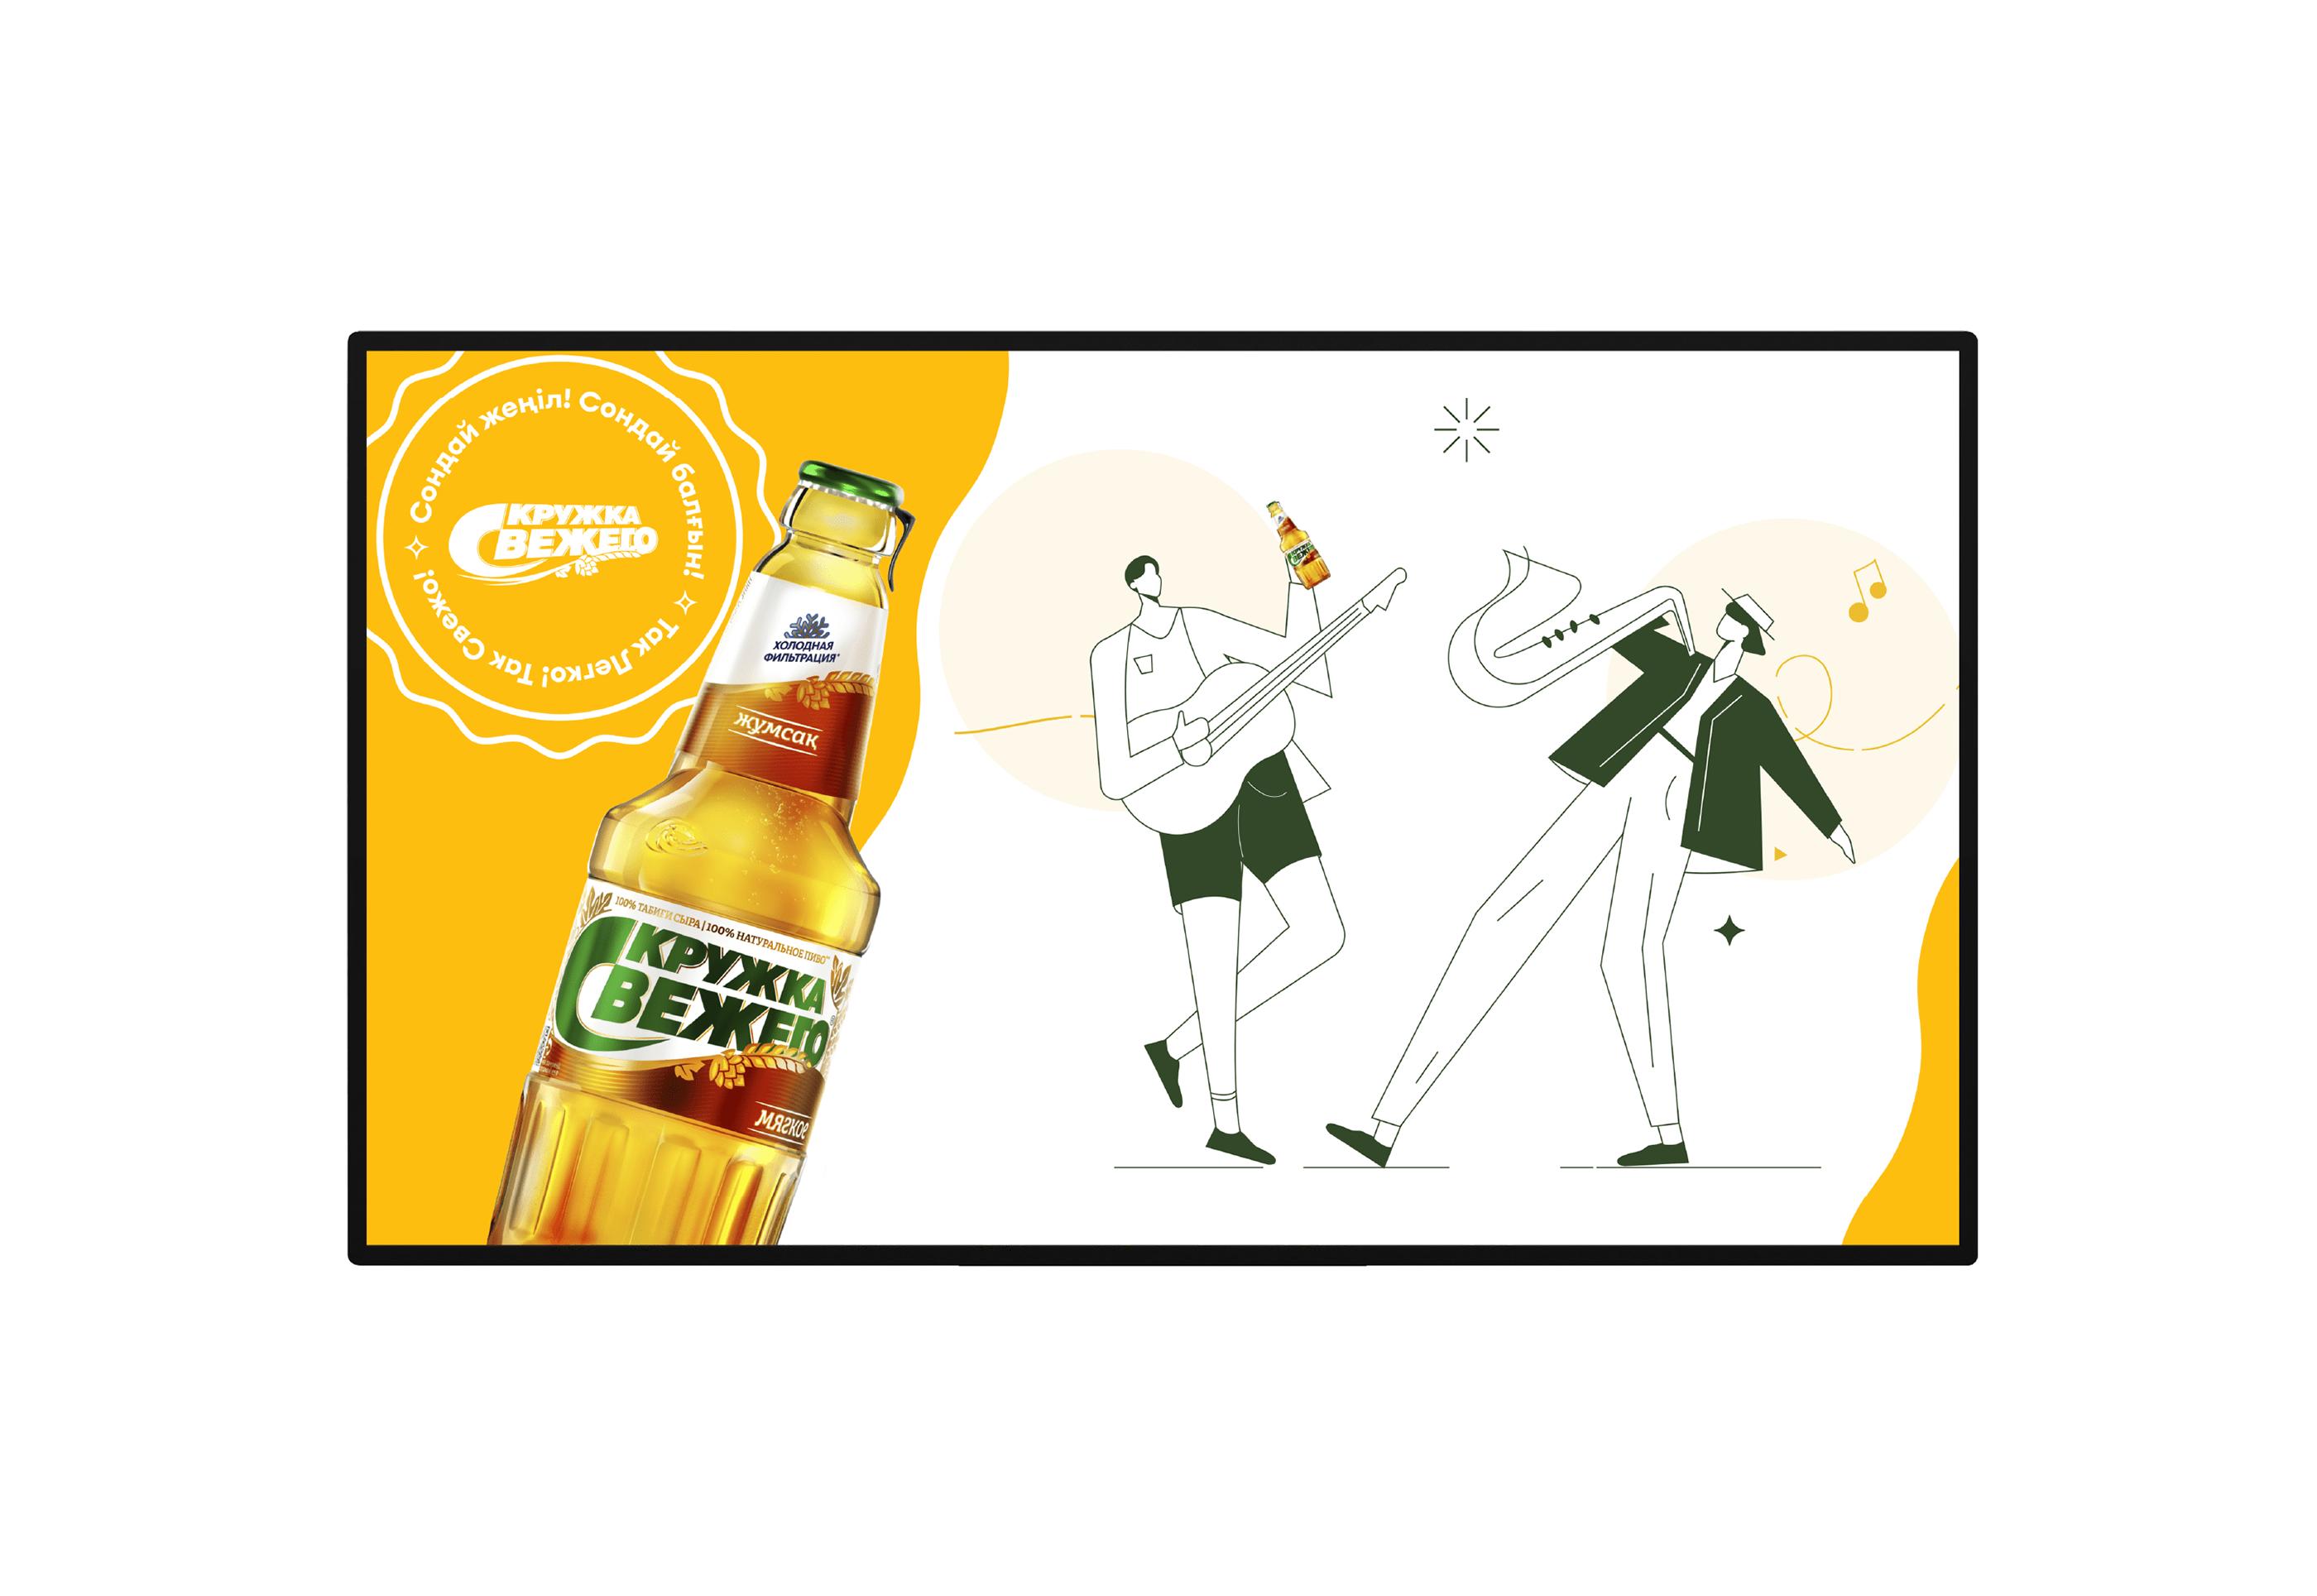 kruzhka-svezhego-beer-Gokten-Tut-12